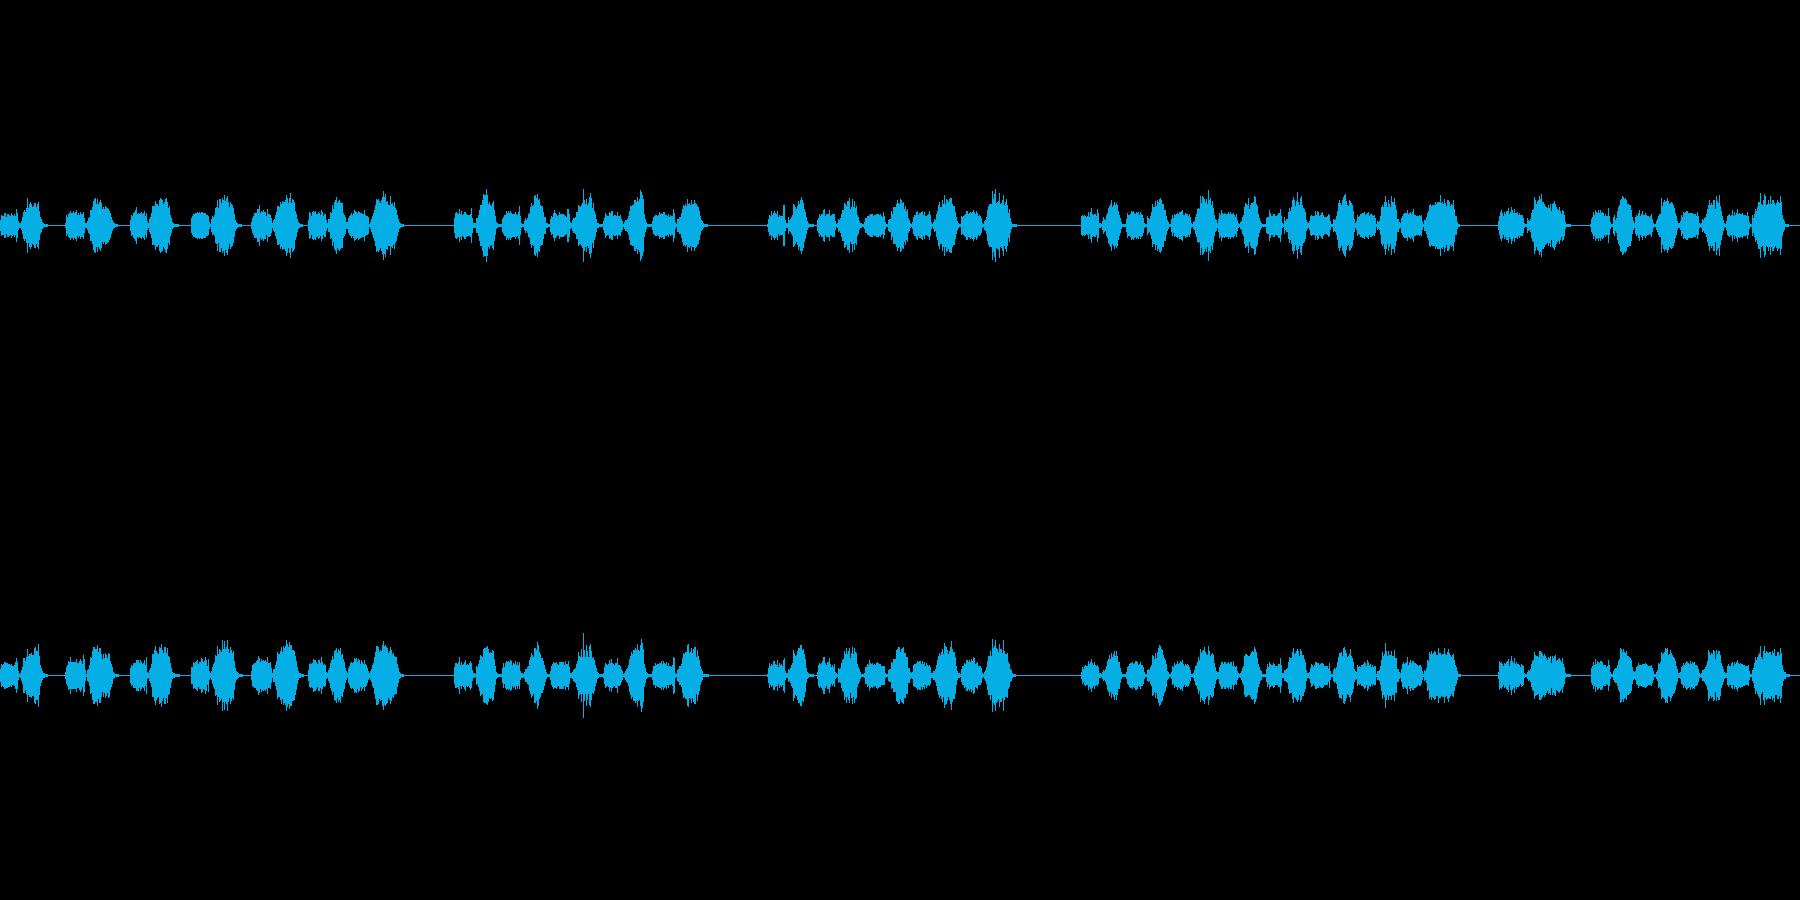 シュッシュ(カメラにブロワーをかける音)の再生済みの波形